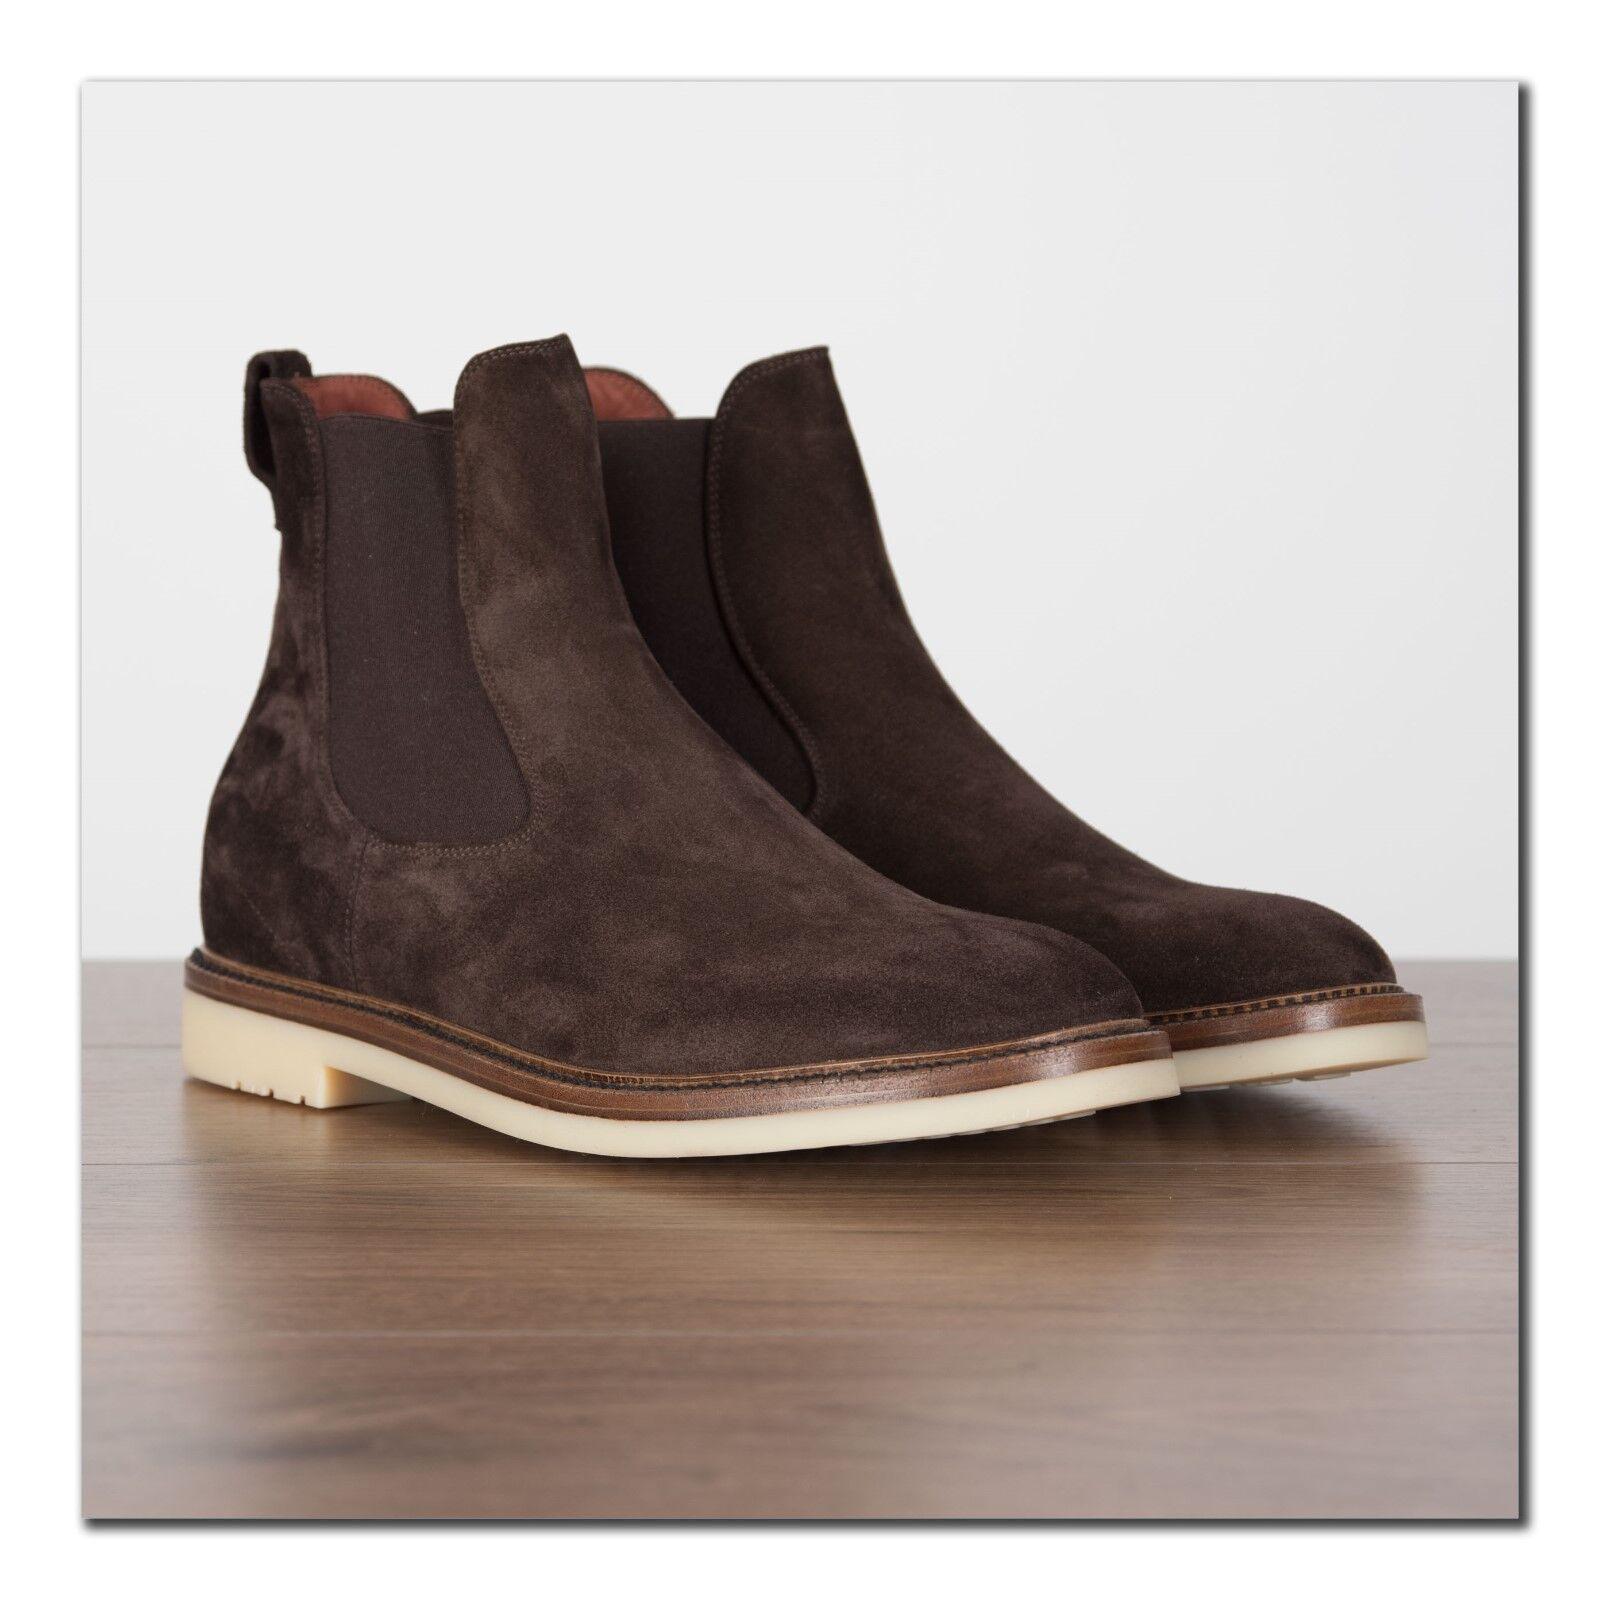 Loro PIANA 1625  Invierno Beatle caminar en piel de becerro ante marrón chocolate